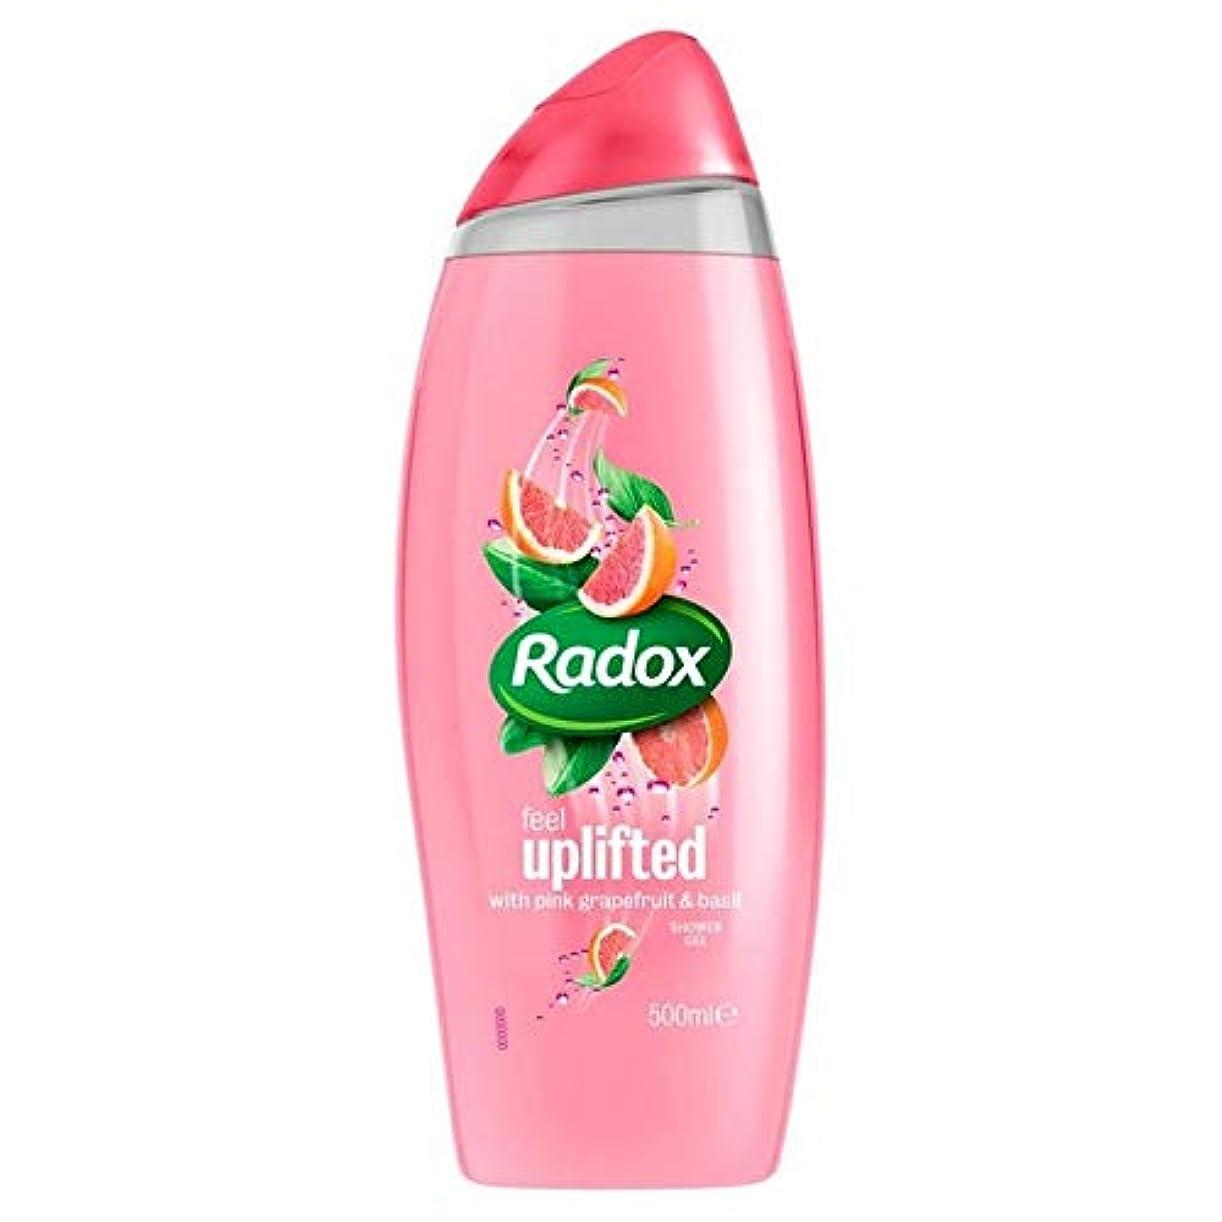 興奮直感不和[Radox] Radox感隆起シャワージェル500ミリリットル - Radox Feel Uplifted Shower Gel 500ml [並行輸入品]